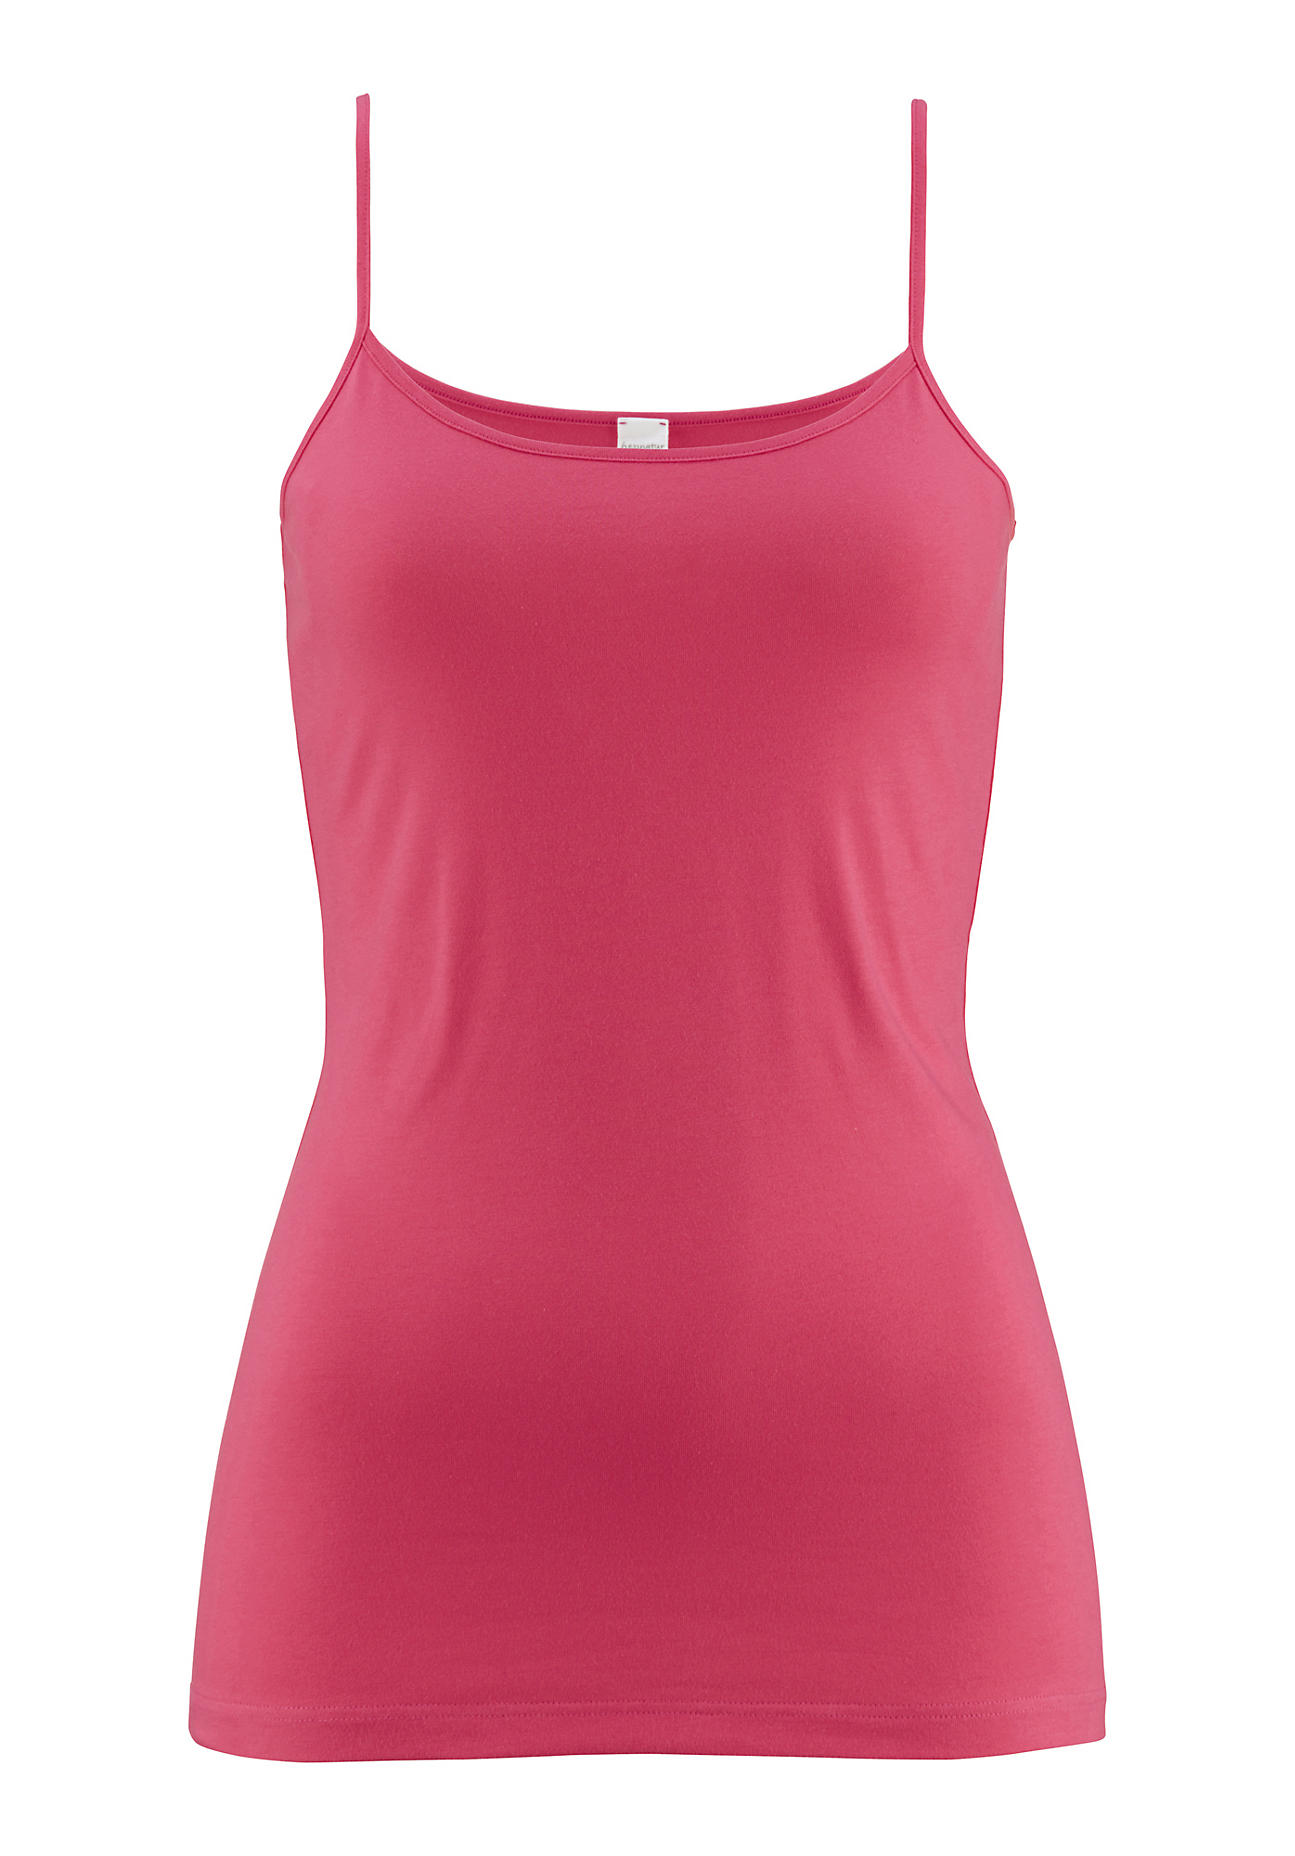 Waesche für Frauen - hessnatur Damen Spaghetti Shirt PureLUX aus Bio Baumwolle – rosa – Größe 38  - Onlineshop Hessnatur